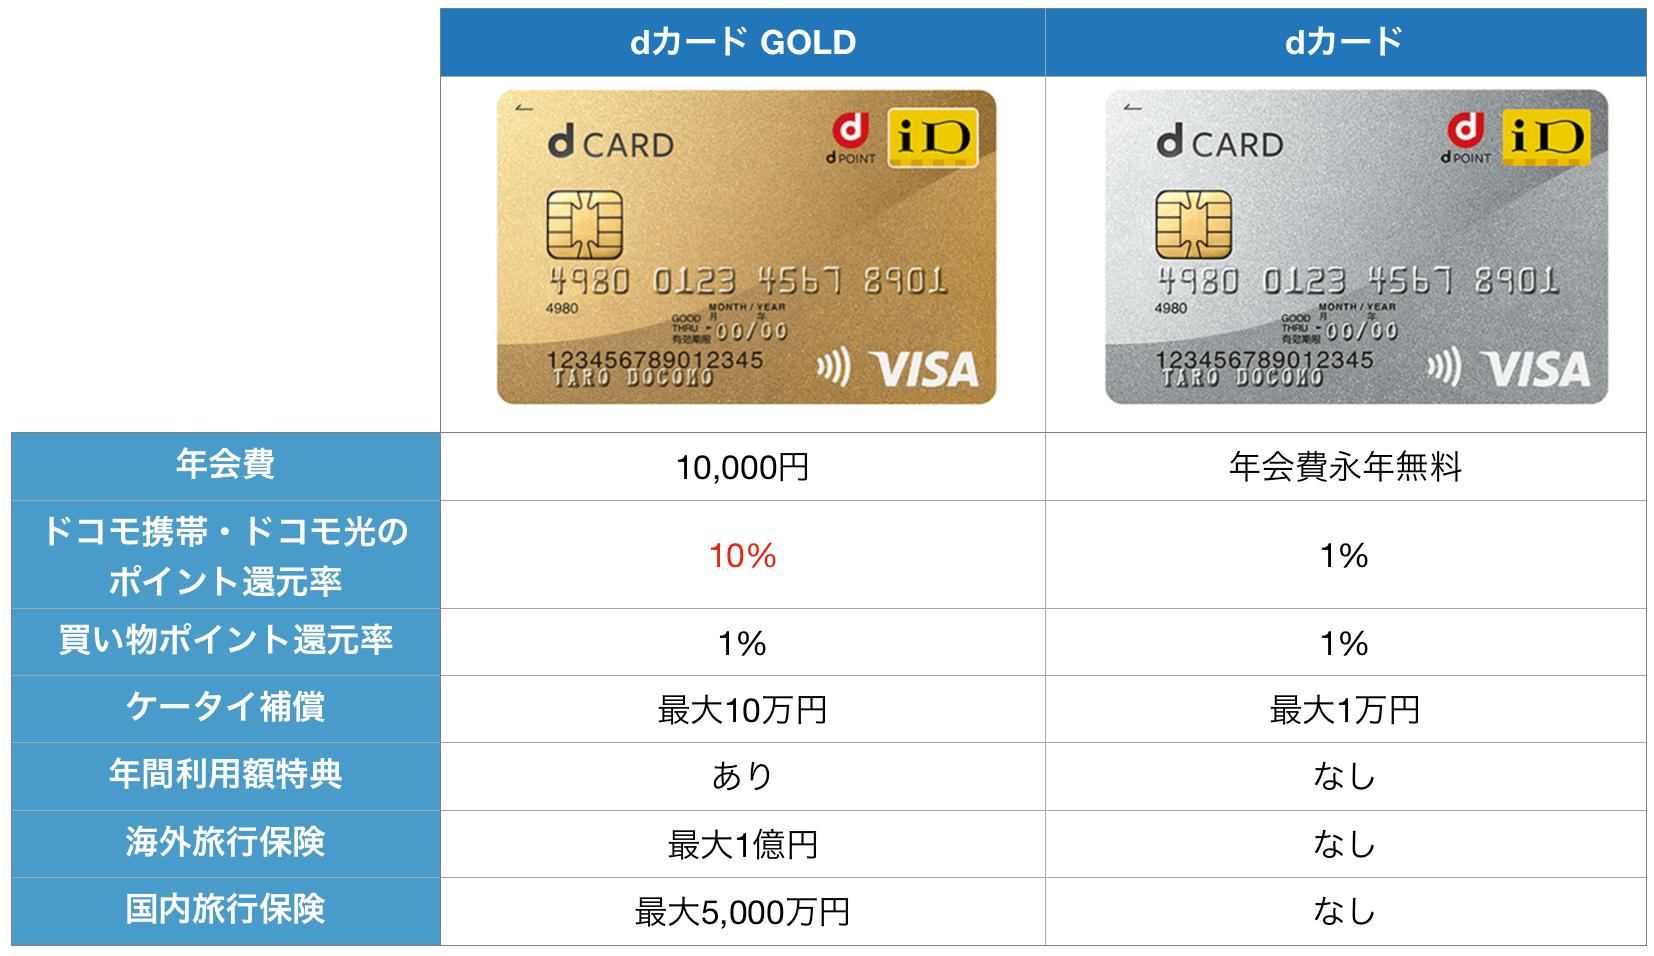 dカード GOLD dカード 比較